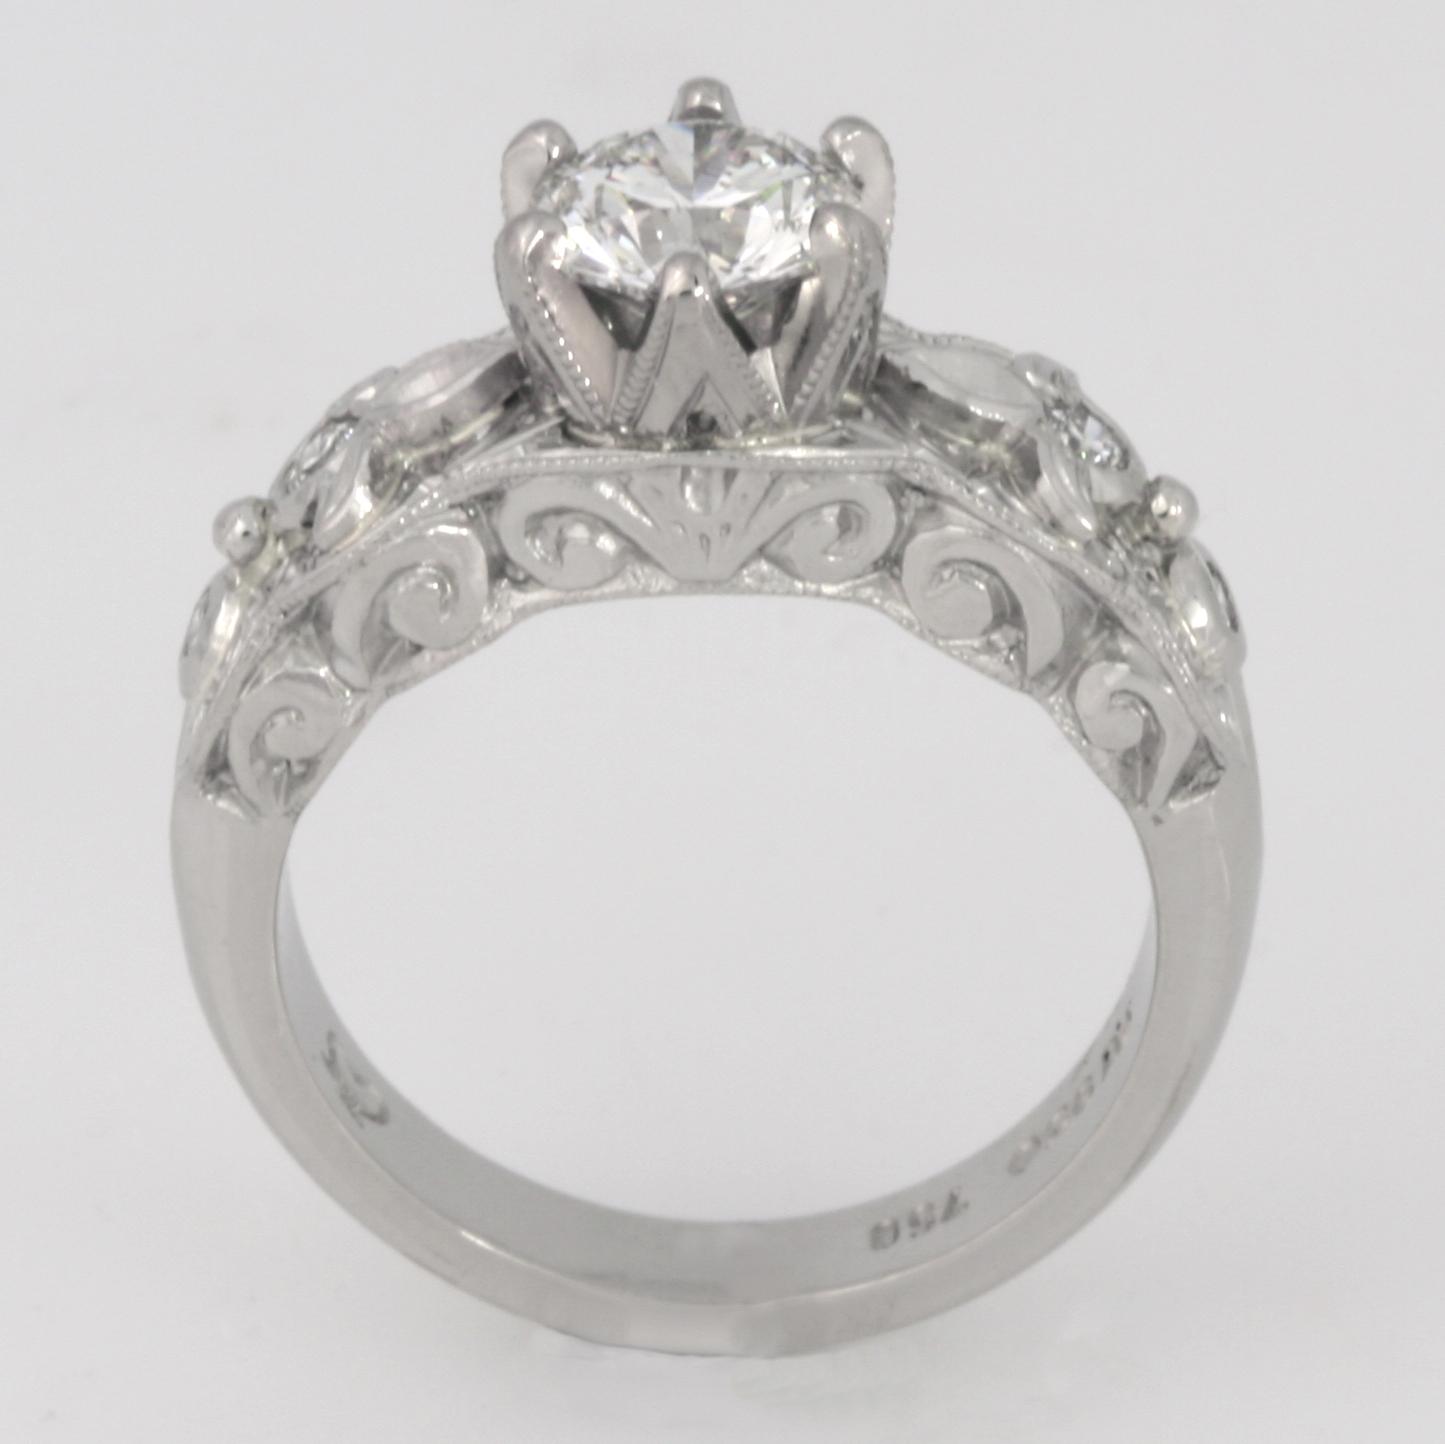 Handmade ladies palladium and 18ct white gold diamond engagement ring